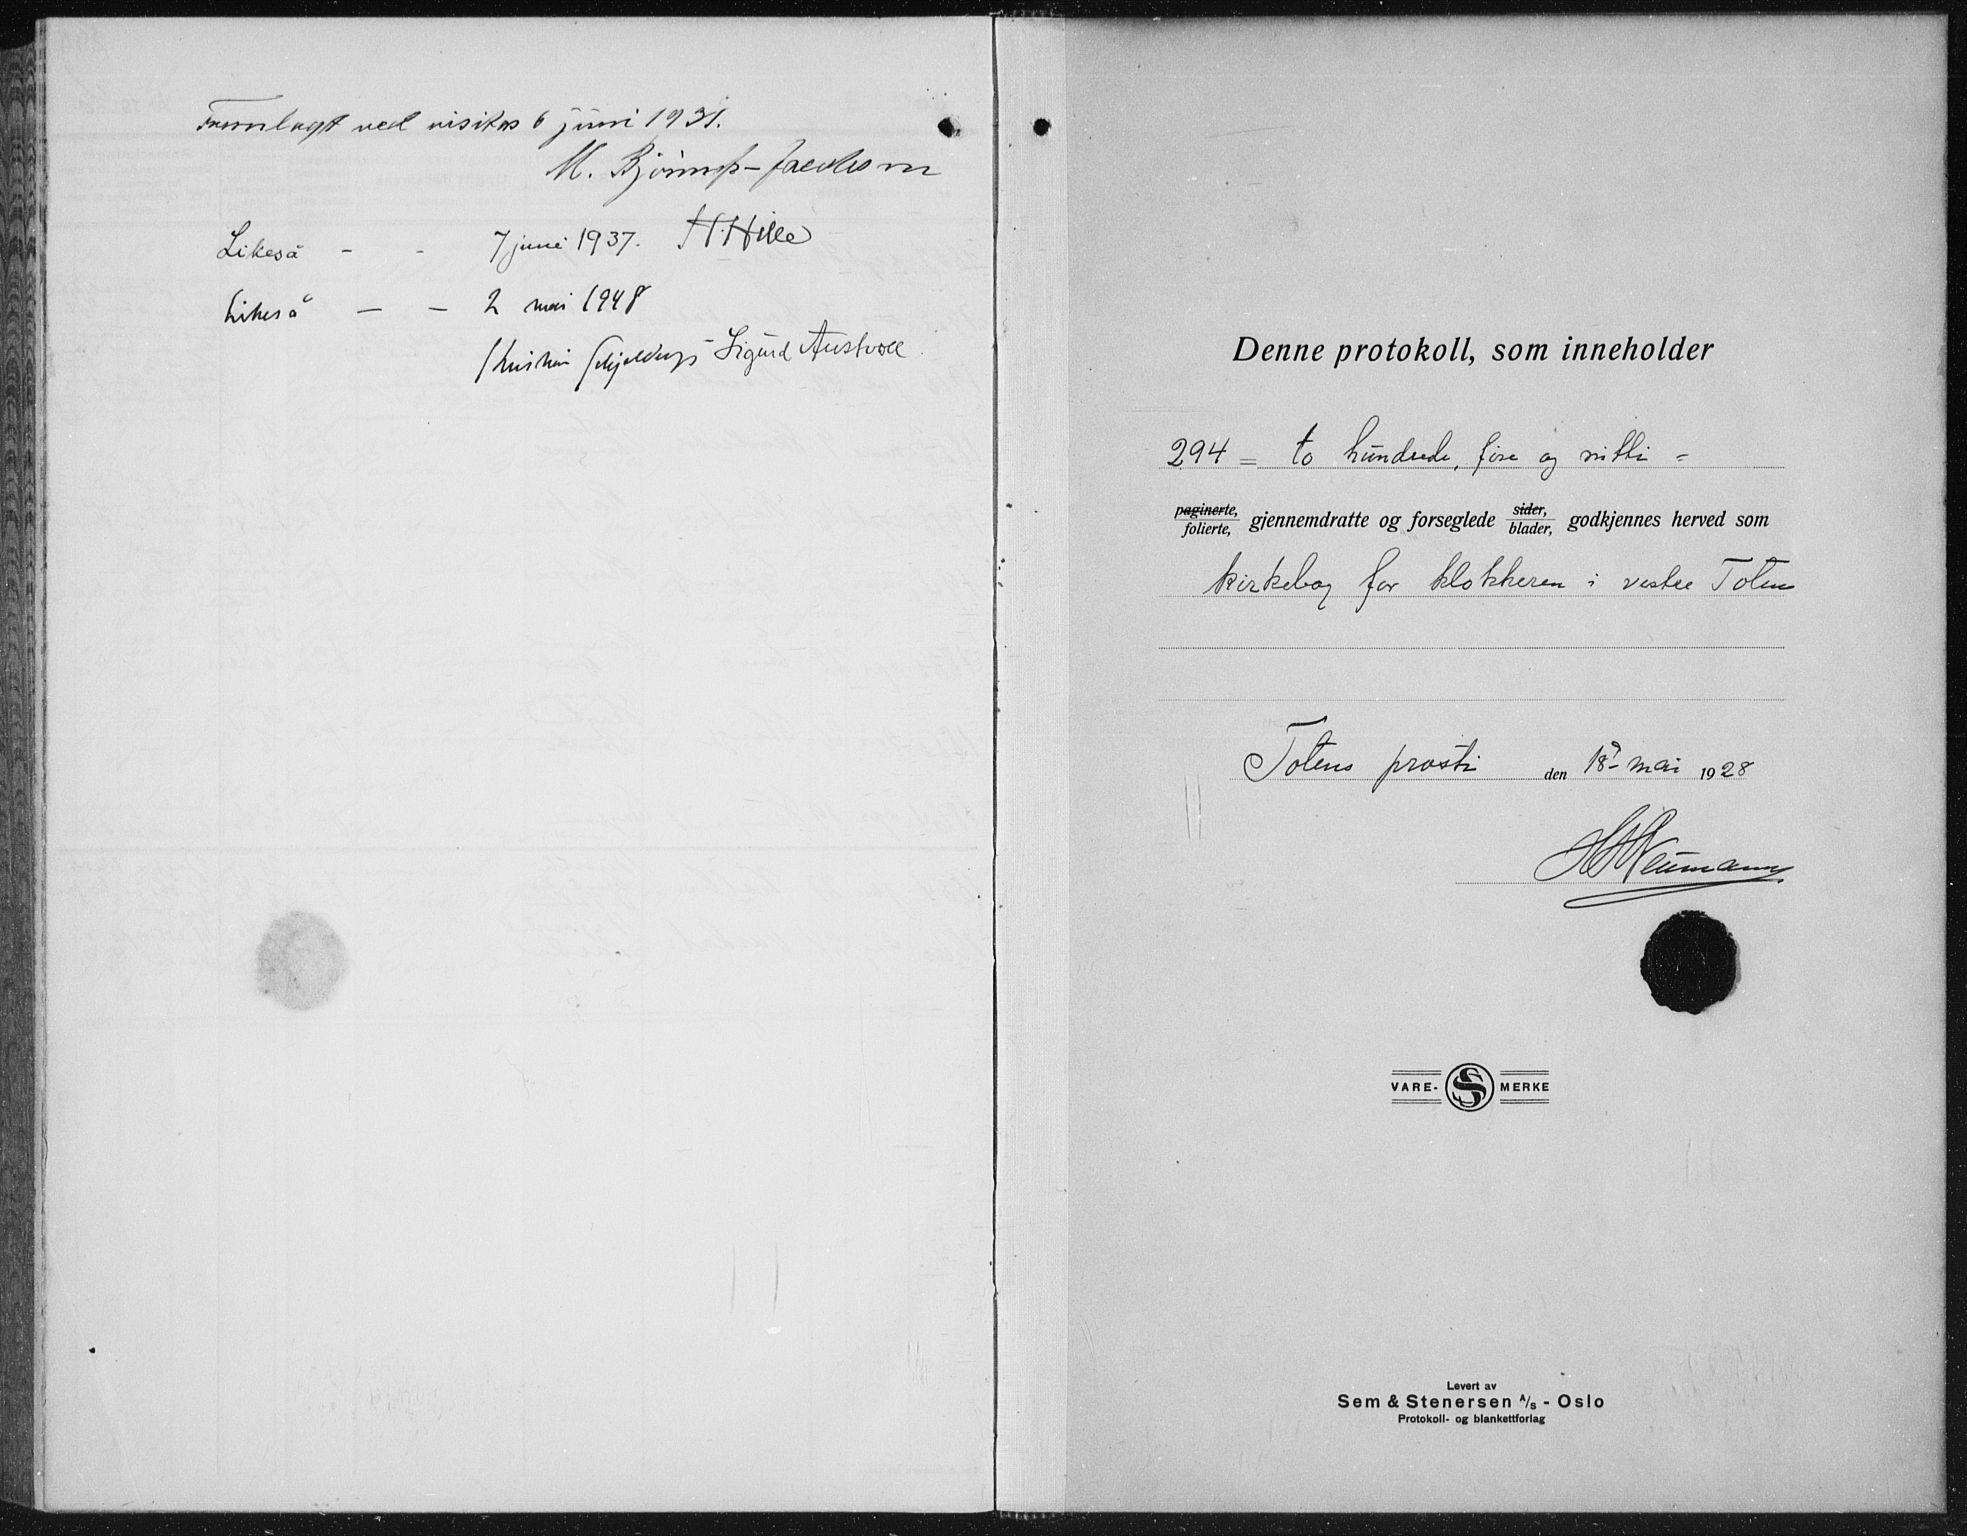 SAH, Vestre Toten prestekontor, H/Ha/Hab/L0018: Klokkerbok nr. 18, 1928-1941